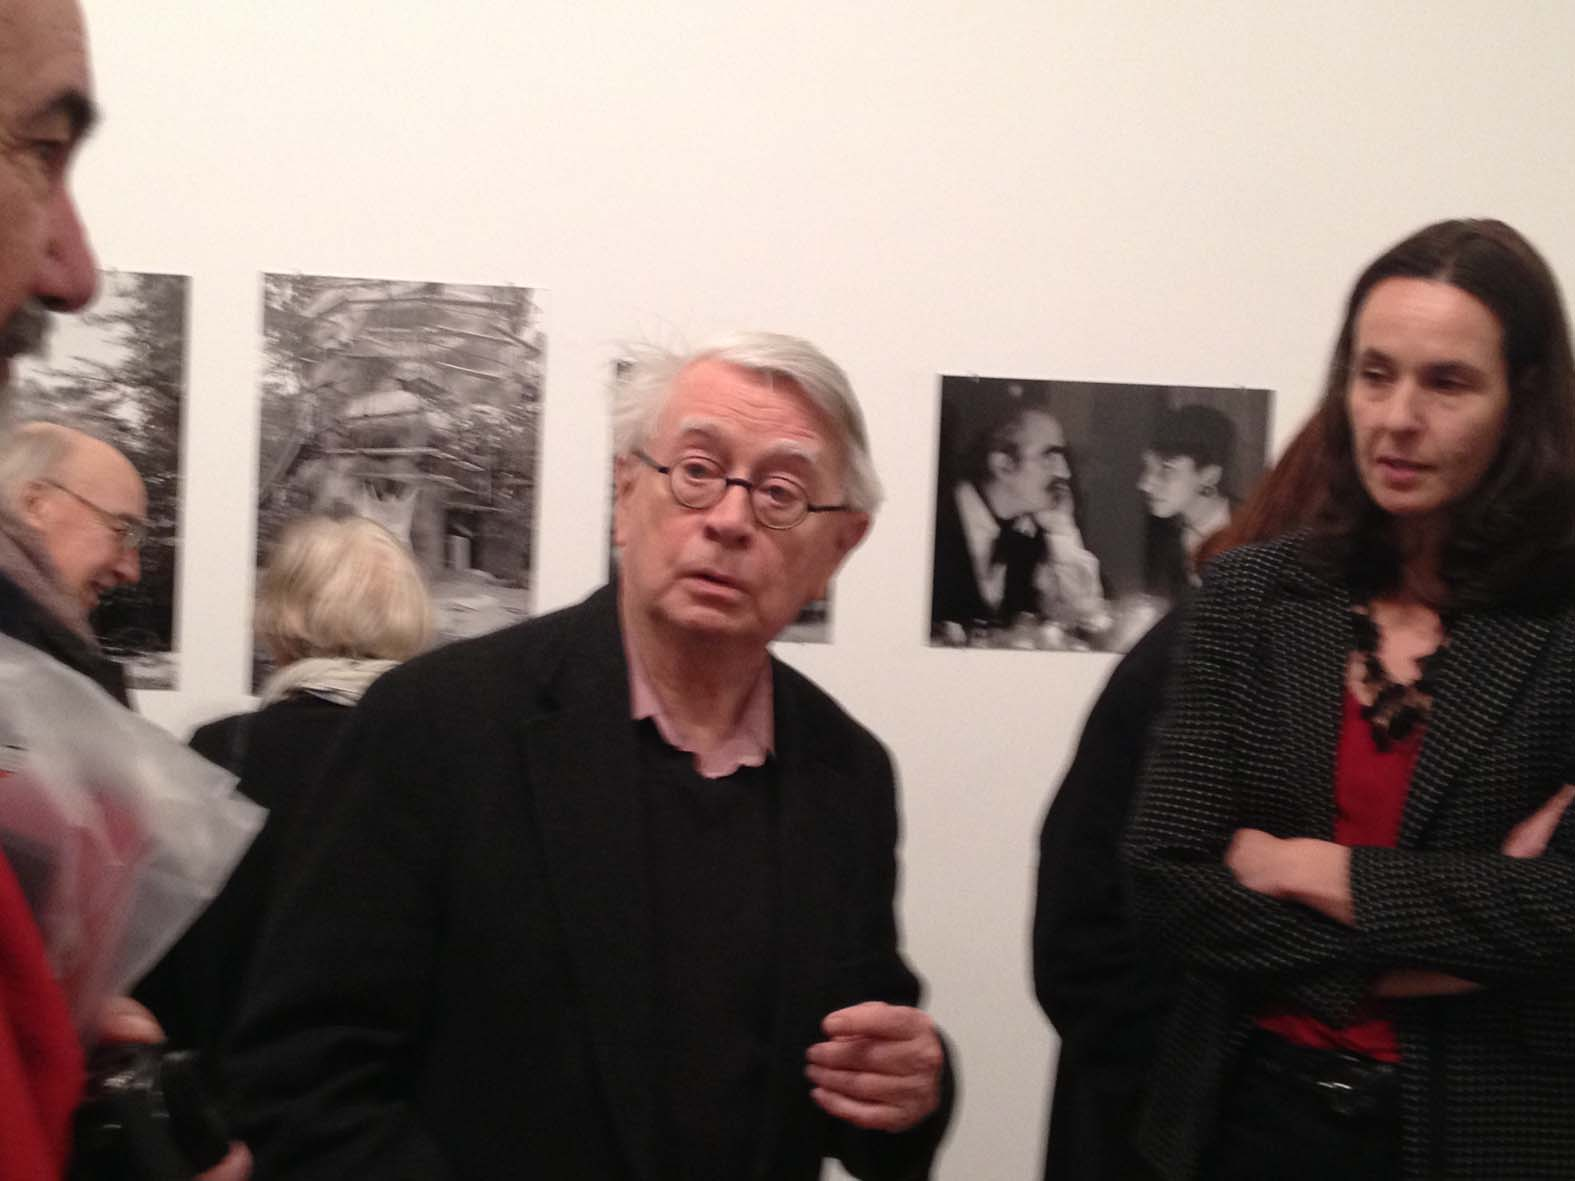 Der Künstler anlässlich der Medienkonferenz im Museum Tinguely